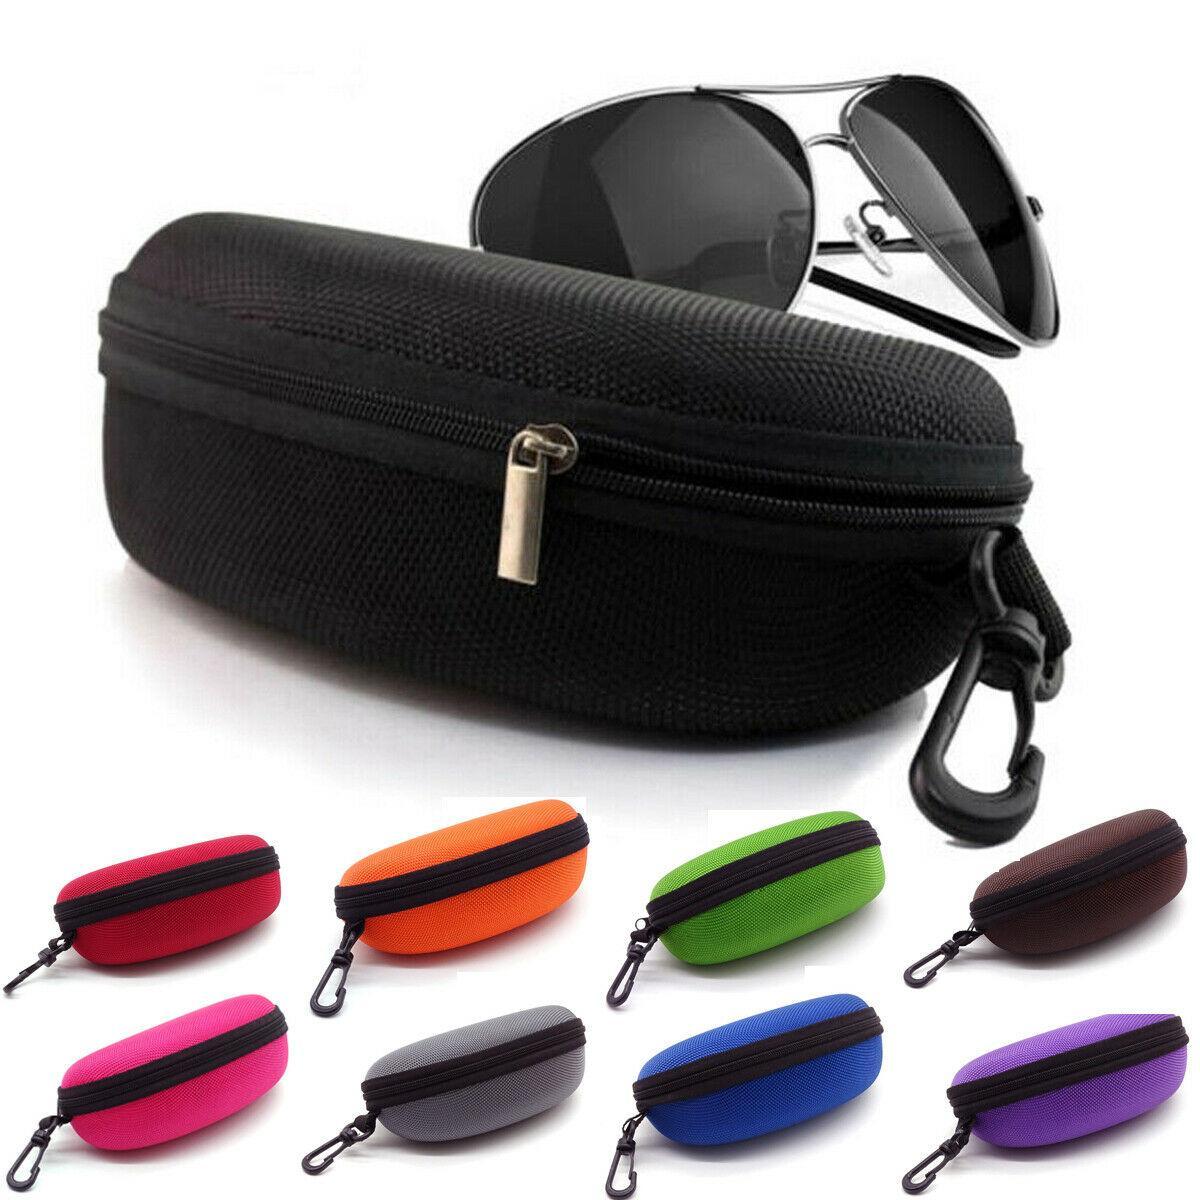 클래식 추세 아이 안경 선글라스 하드 지퍼 케이스 커버 가방 옥스포드 천 스토리지 박스 휴대용 보호 안경 액세서리